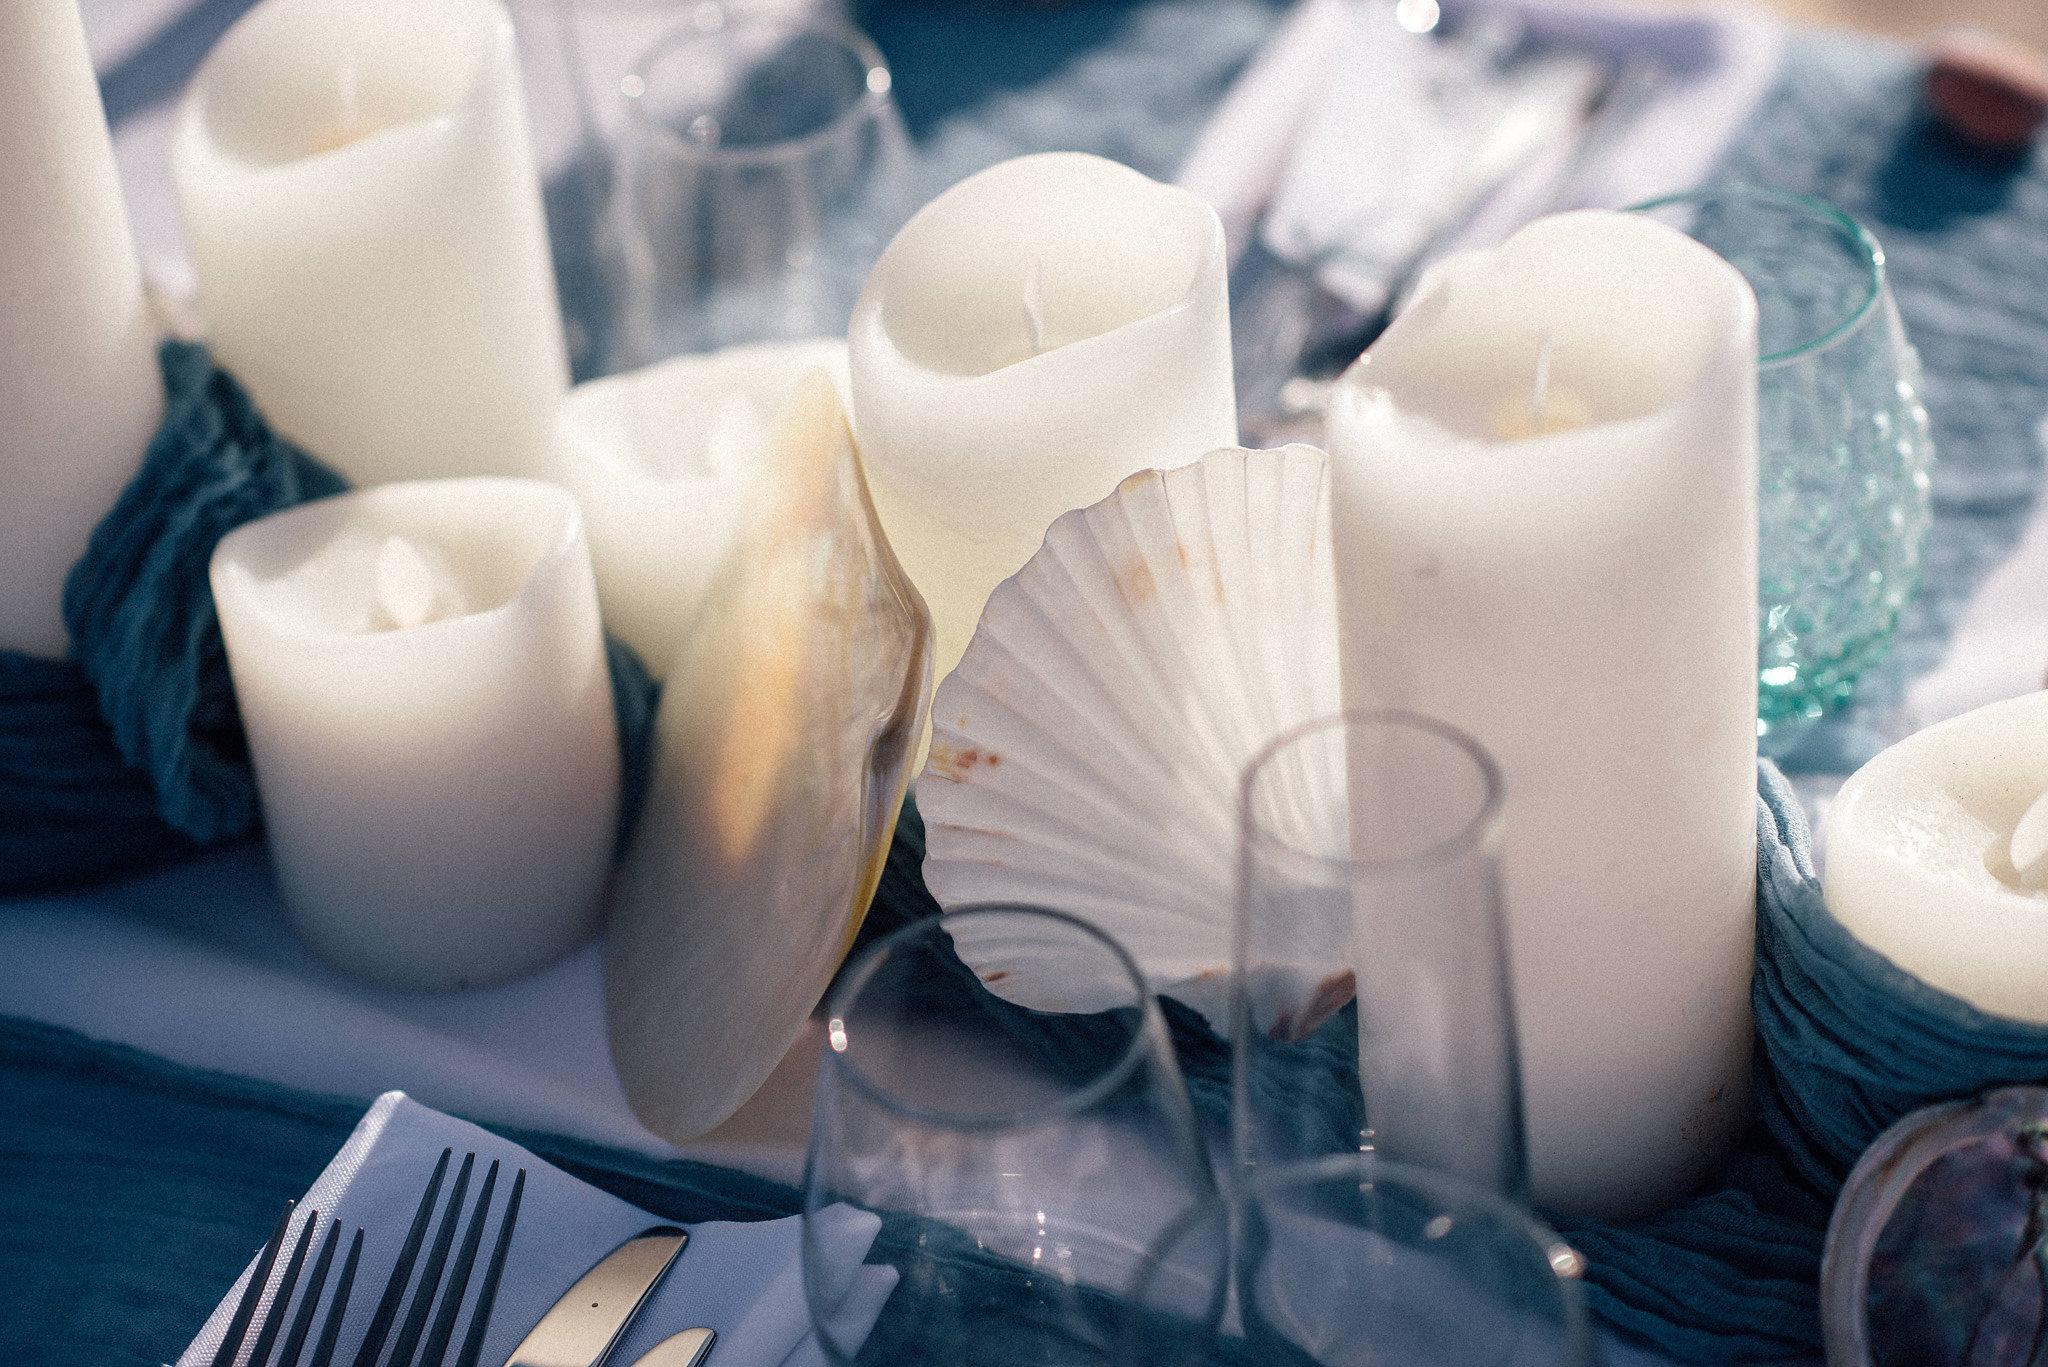 LED Candles, Large shells,